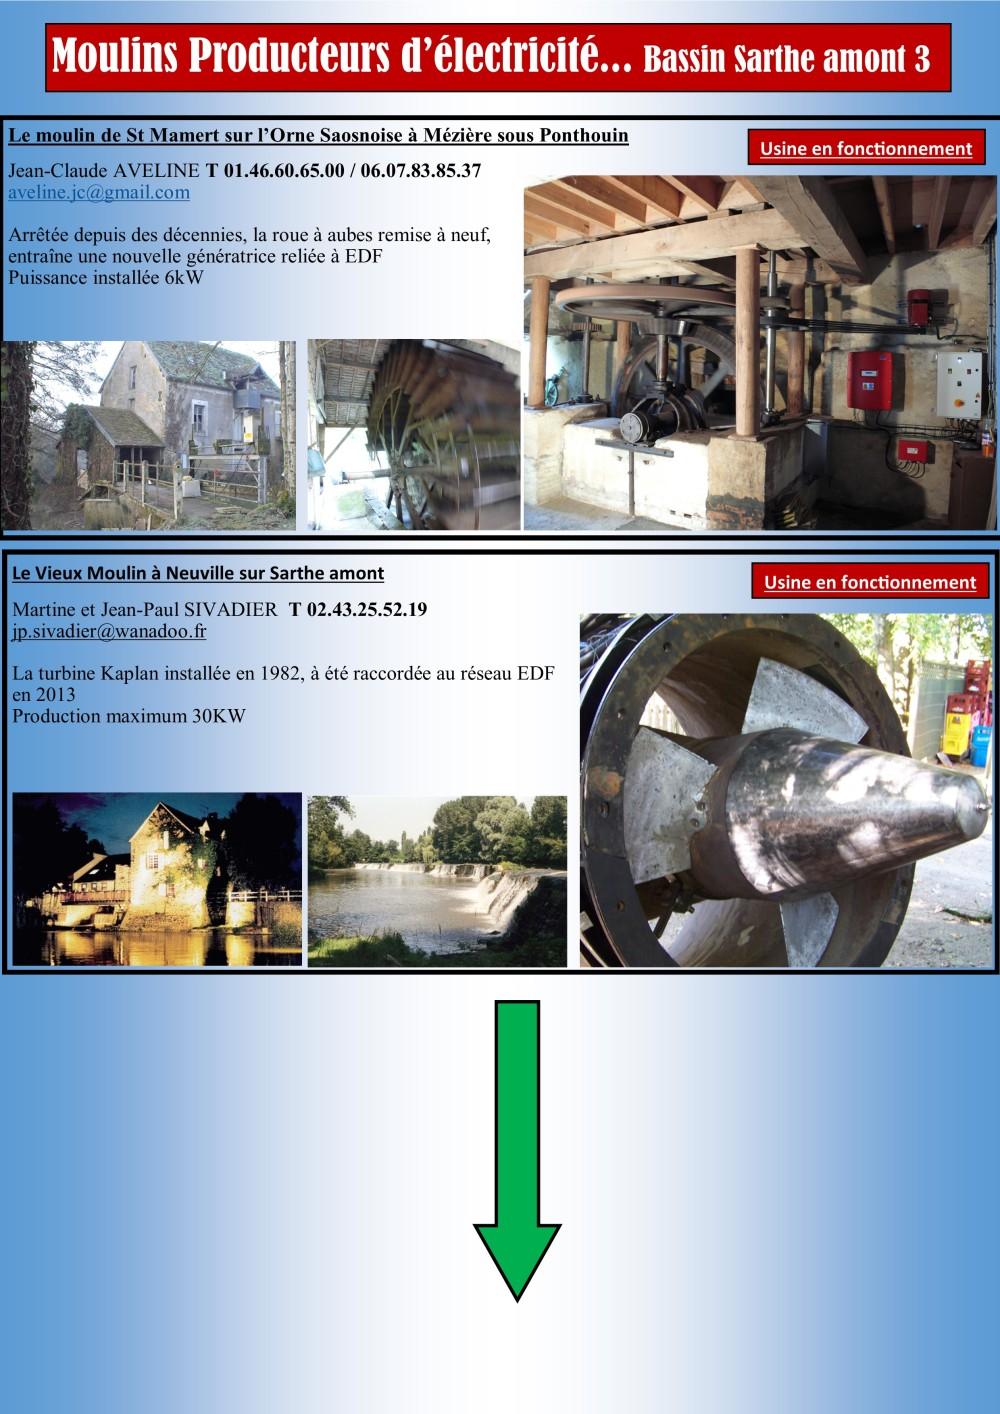 Hydroélectricité Sarthe amont 3